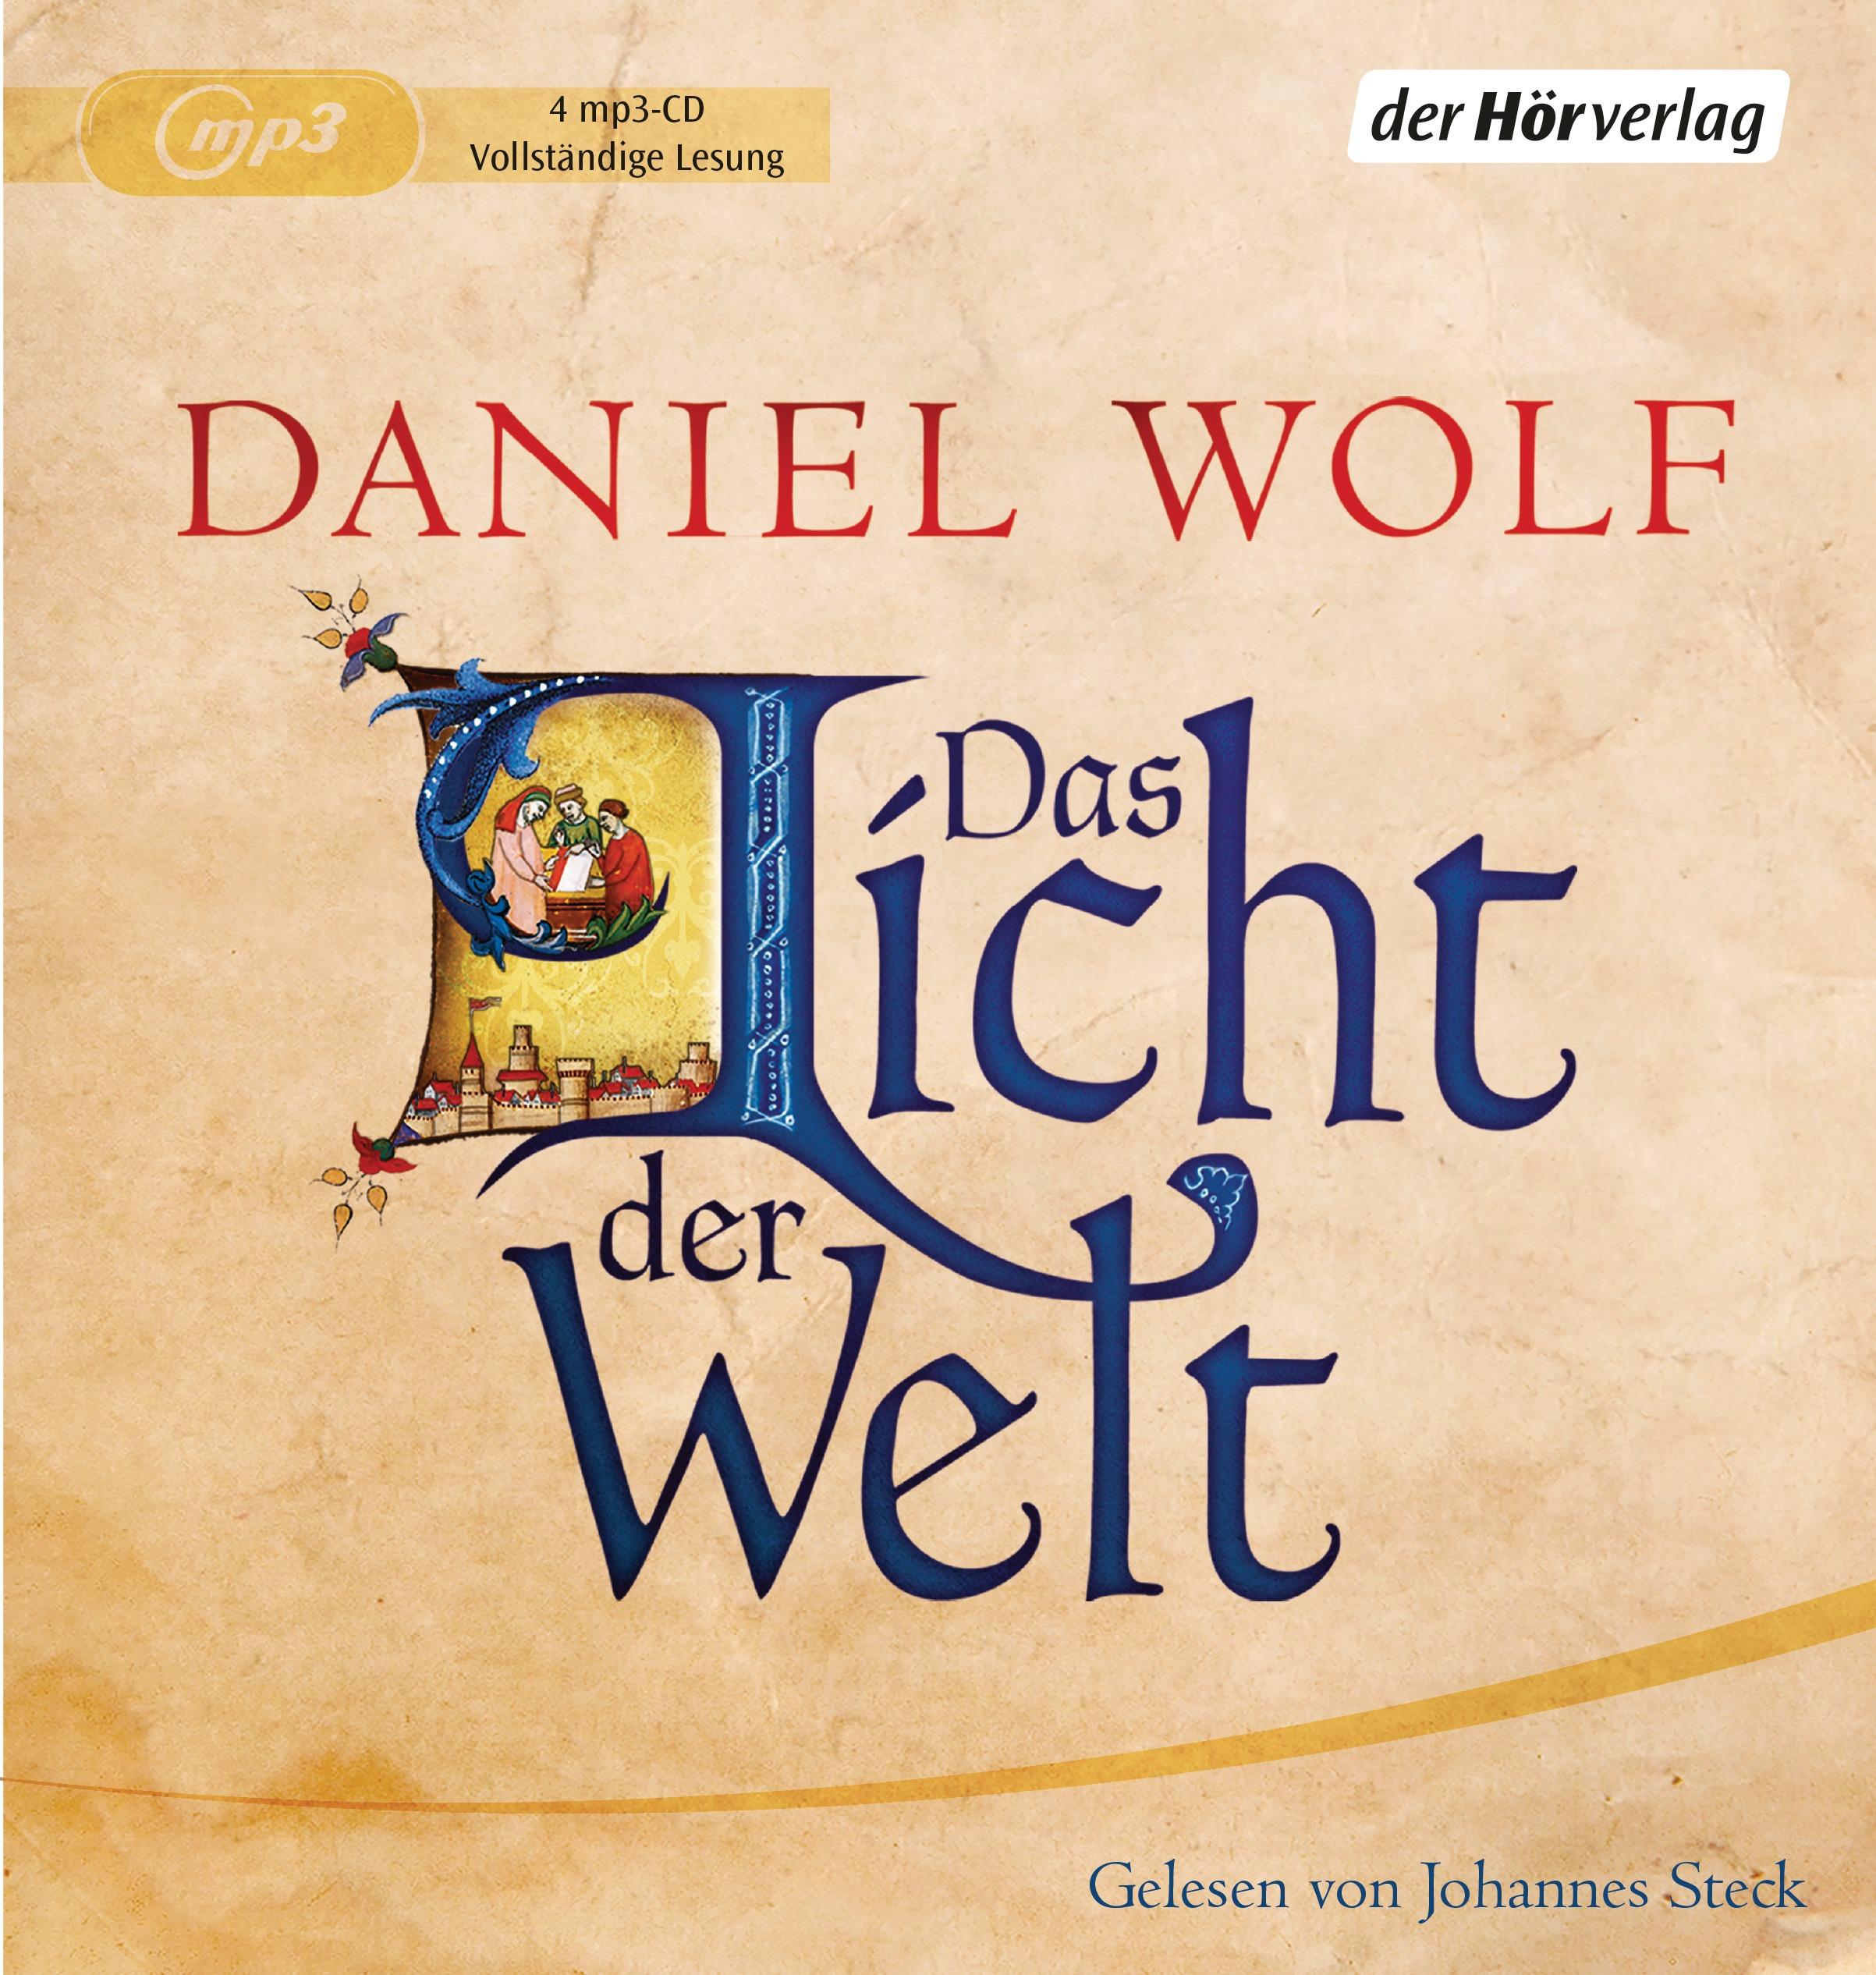 Das Licht der Welt - Daniel Wolf [4 mp3-CDs, Ungekürzte Ausgabe]